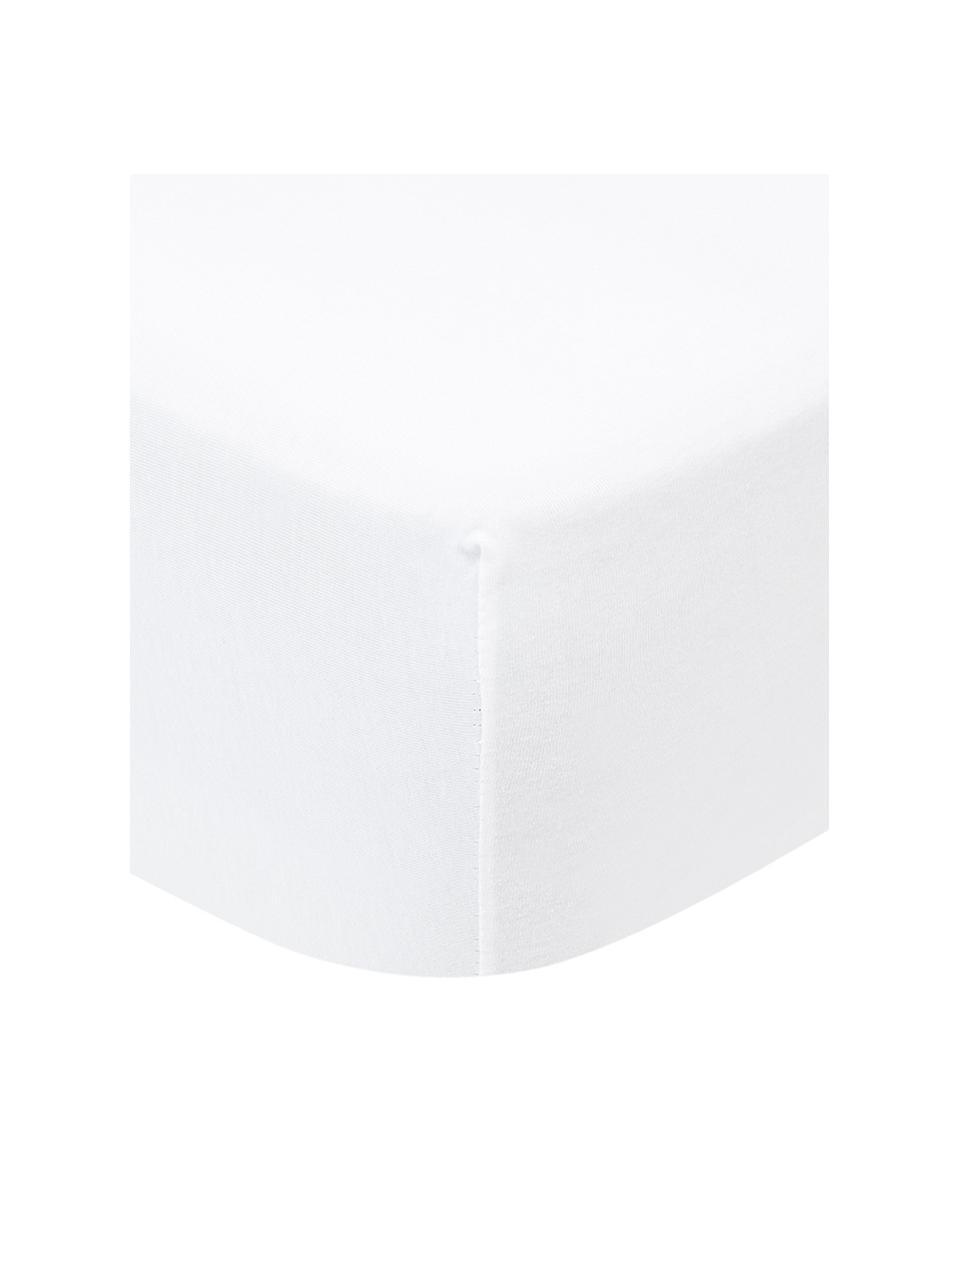 Hoeslaken Lara in wit, jersey-elastaan, 95% katoen, 5% elastaan, Wit, 140 x 200 cm